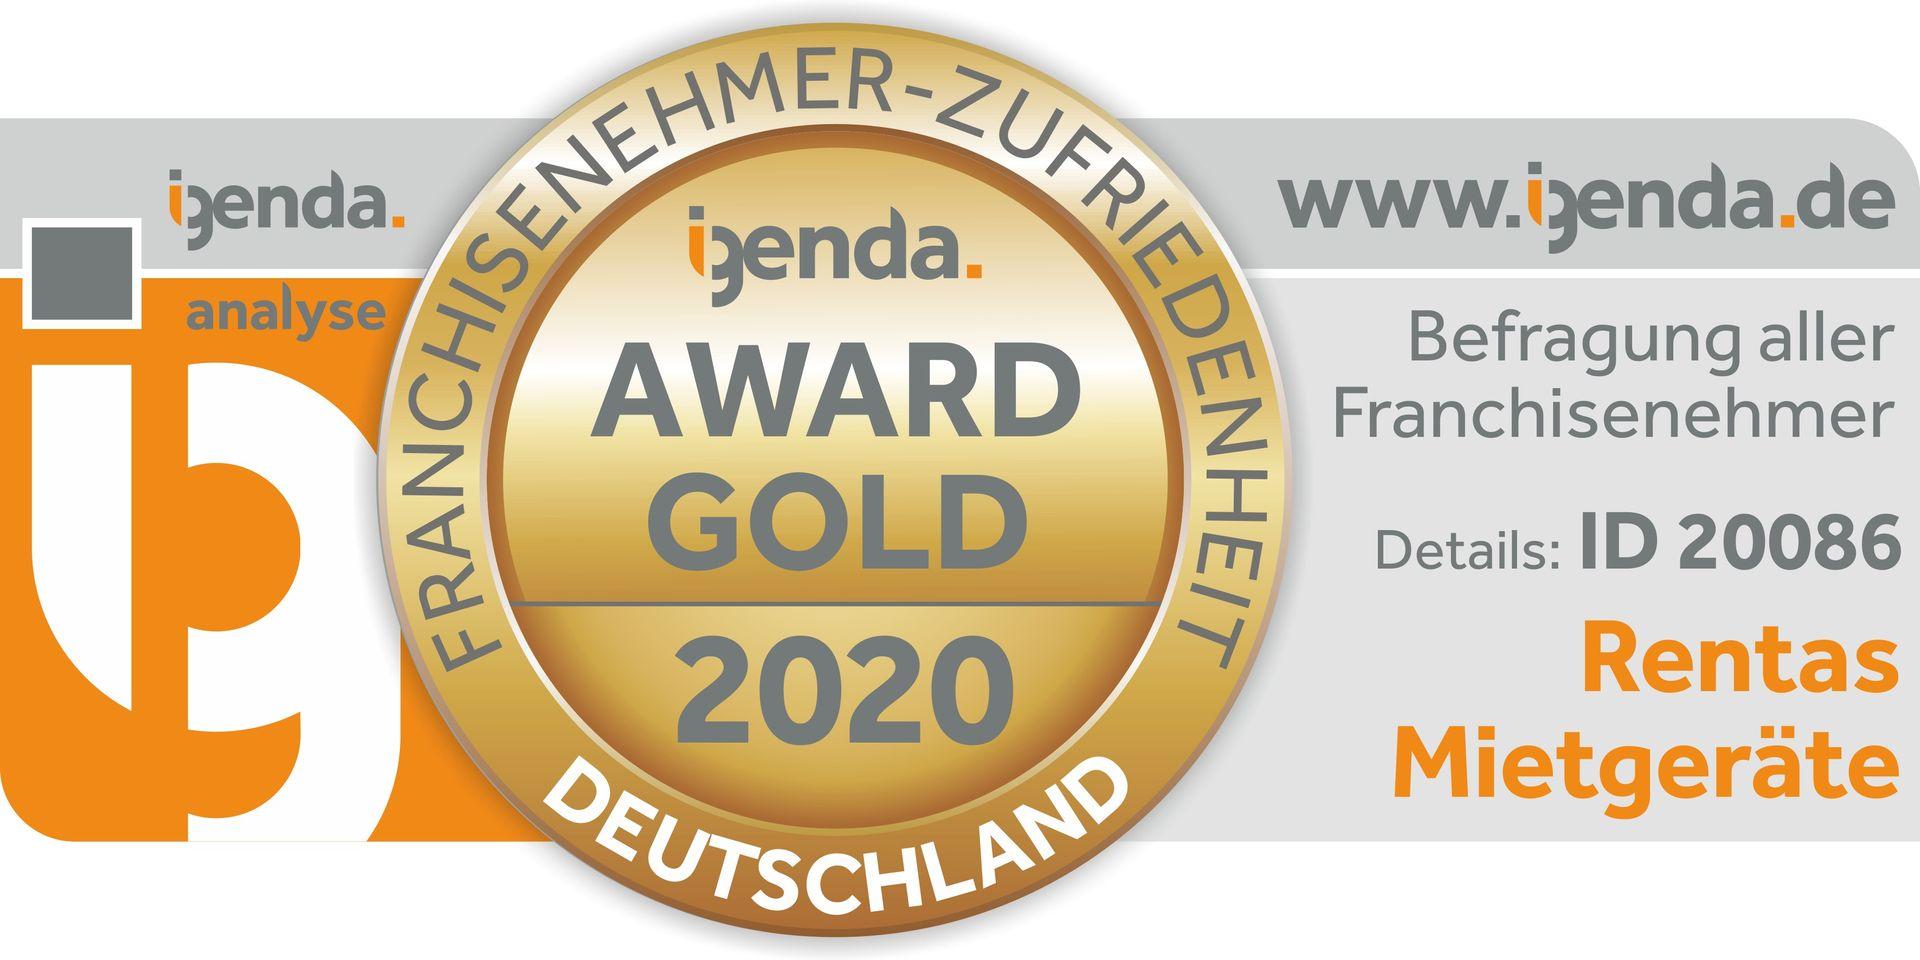 Rentas bekommt schon wieder den igenda Gold Award.